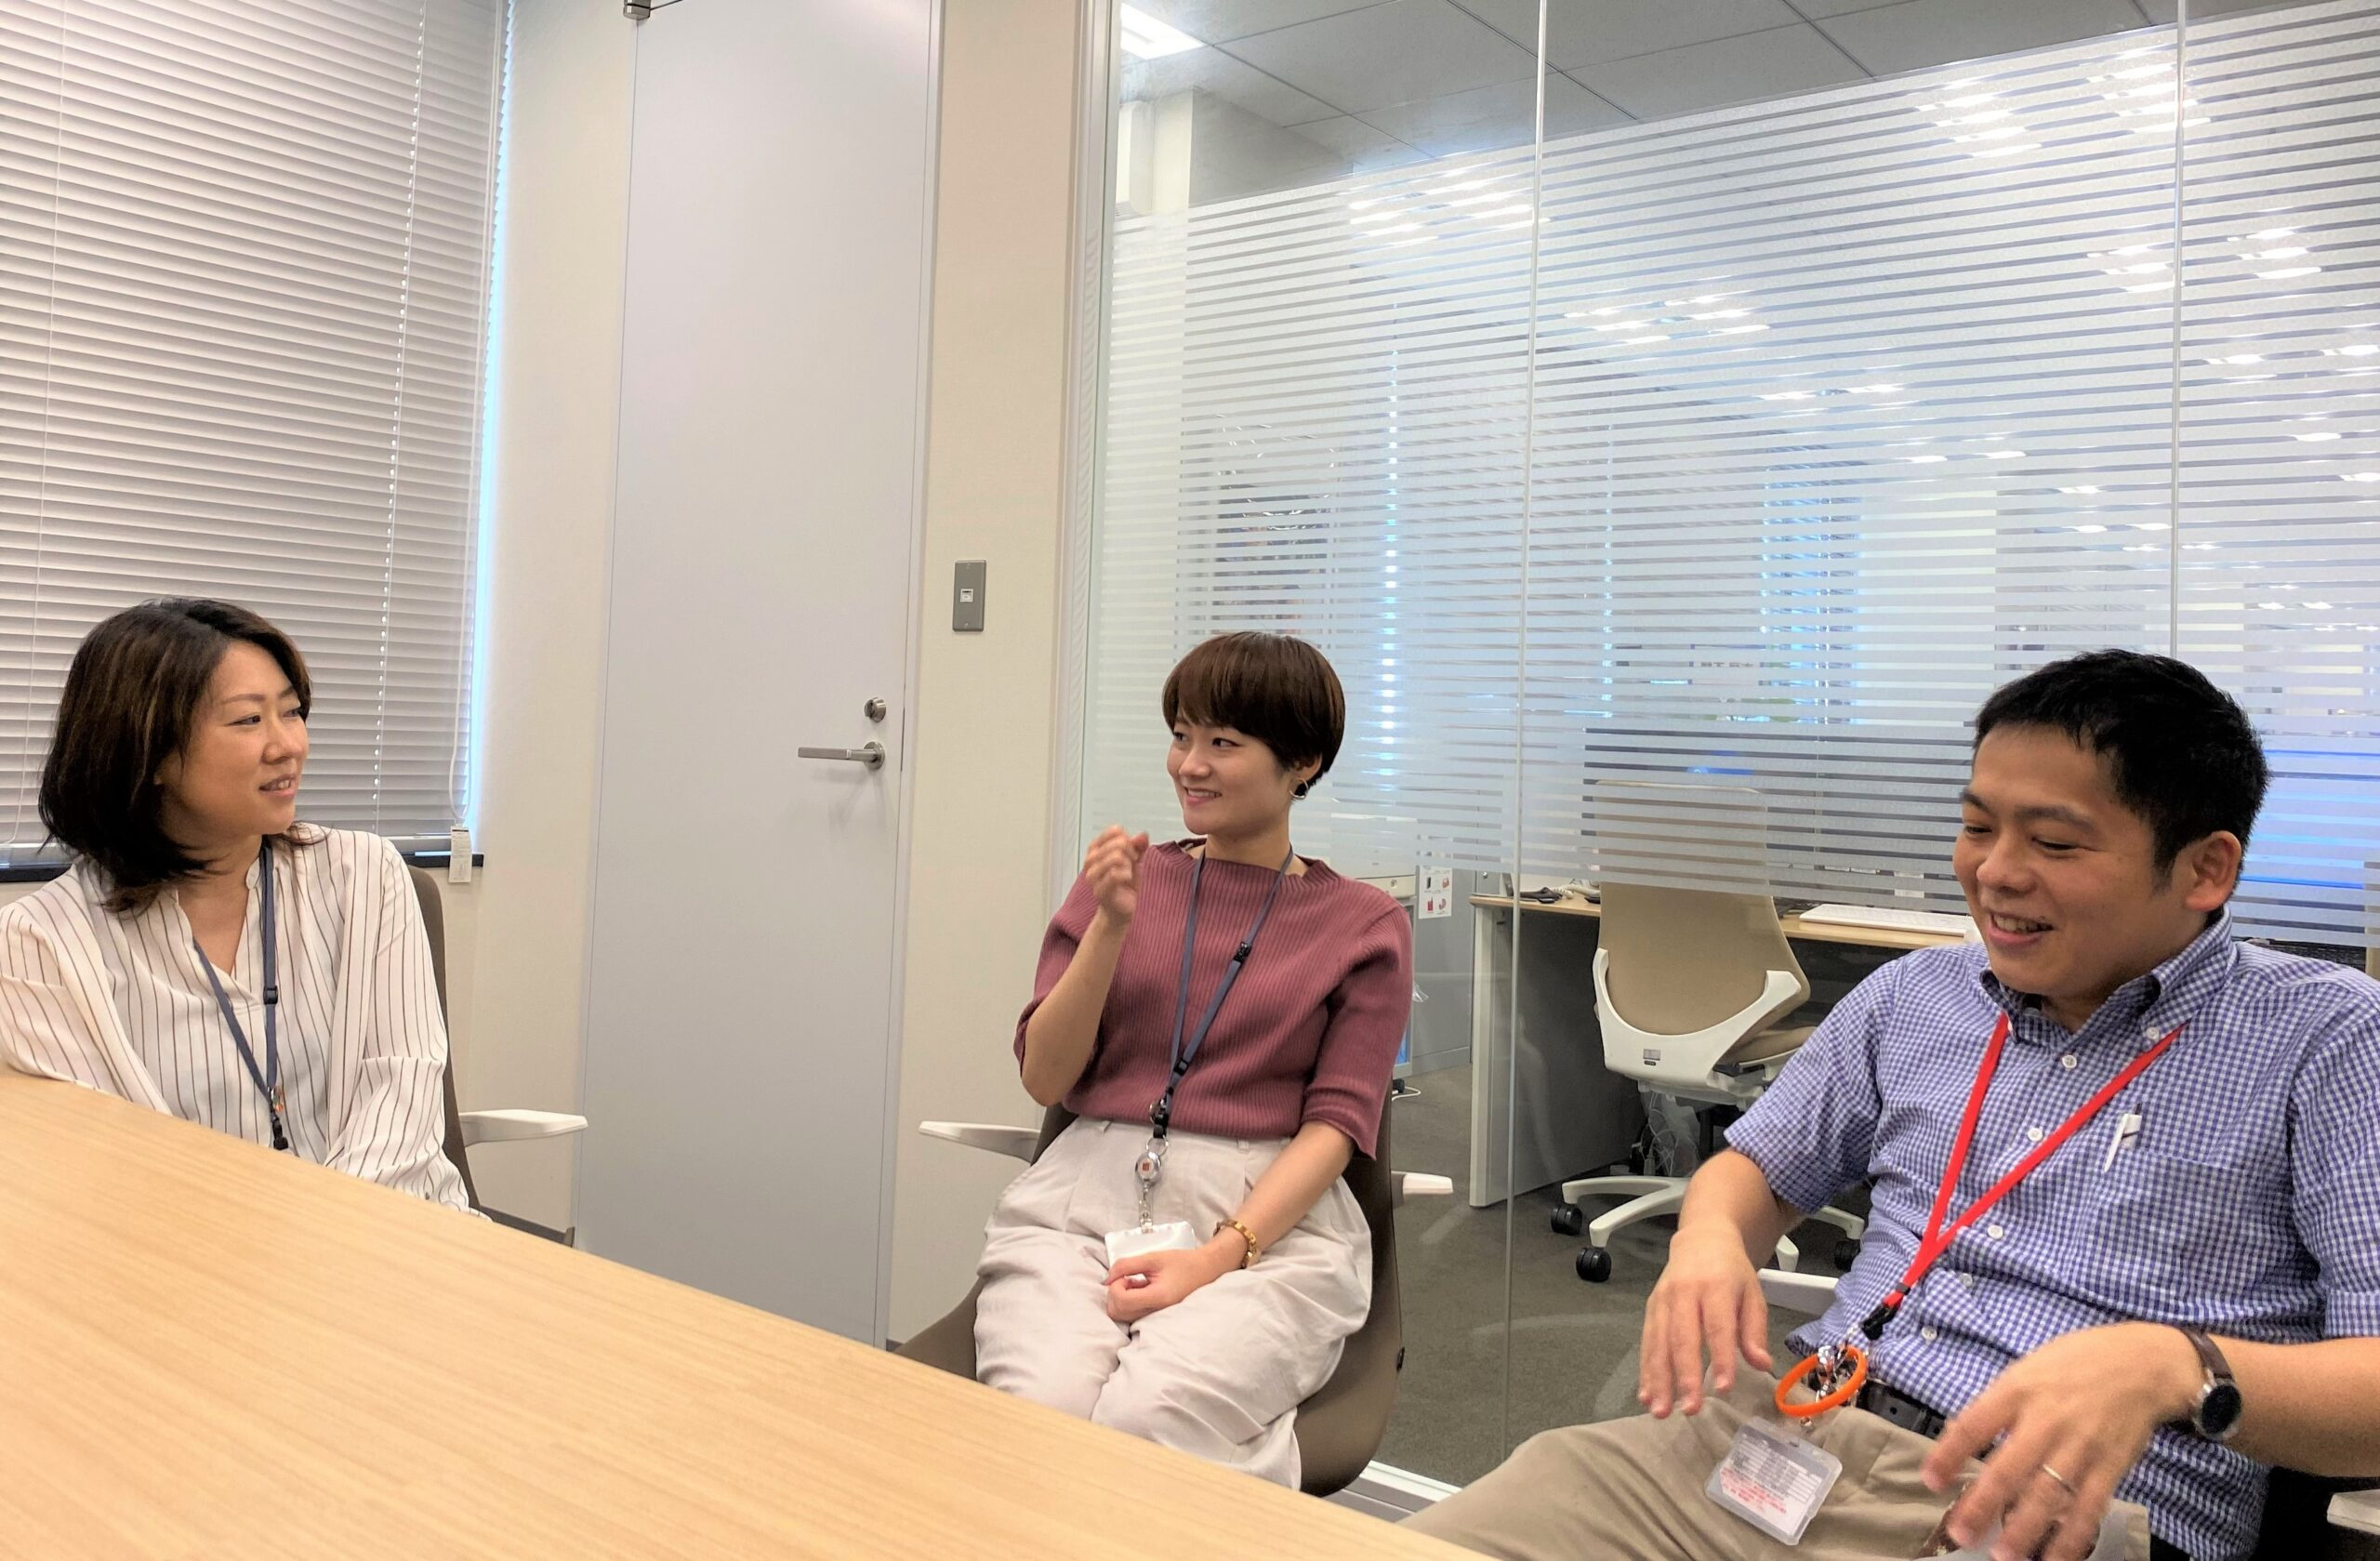 インタビュー中の吉本さん、福井さん、田中さん